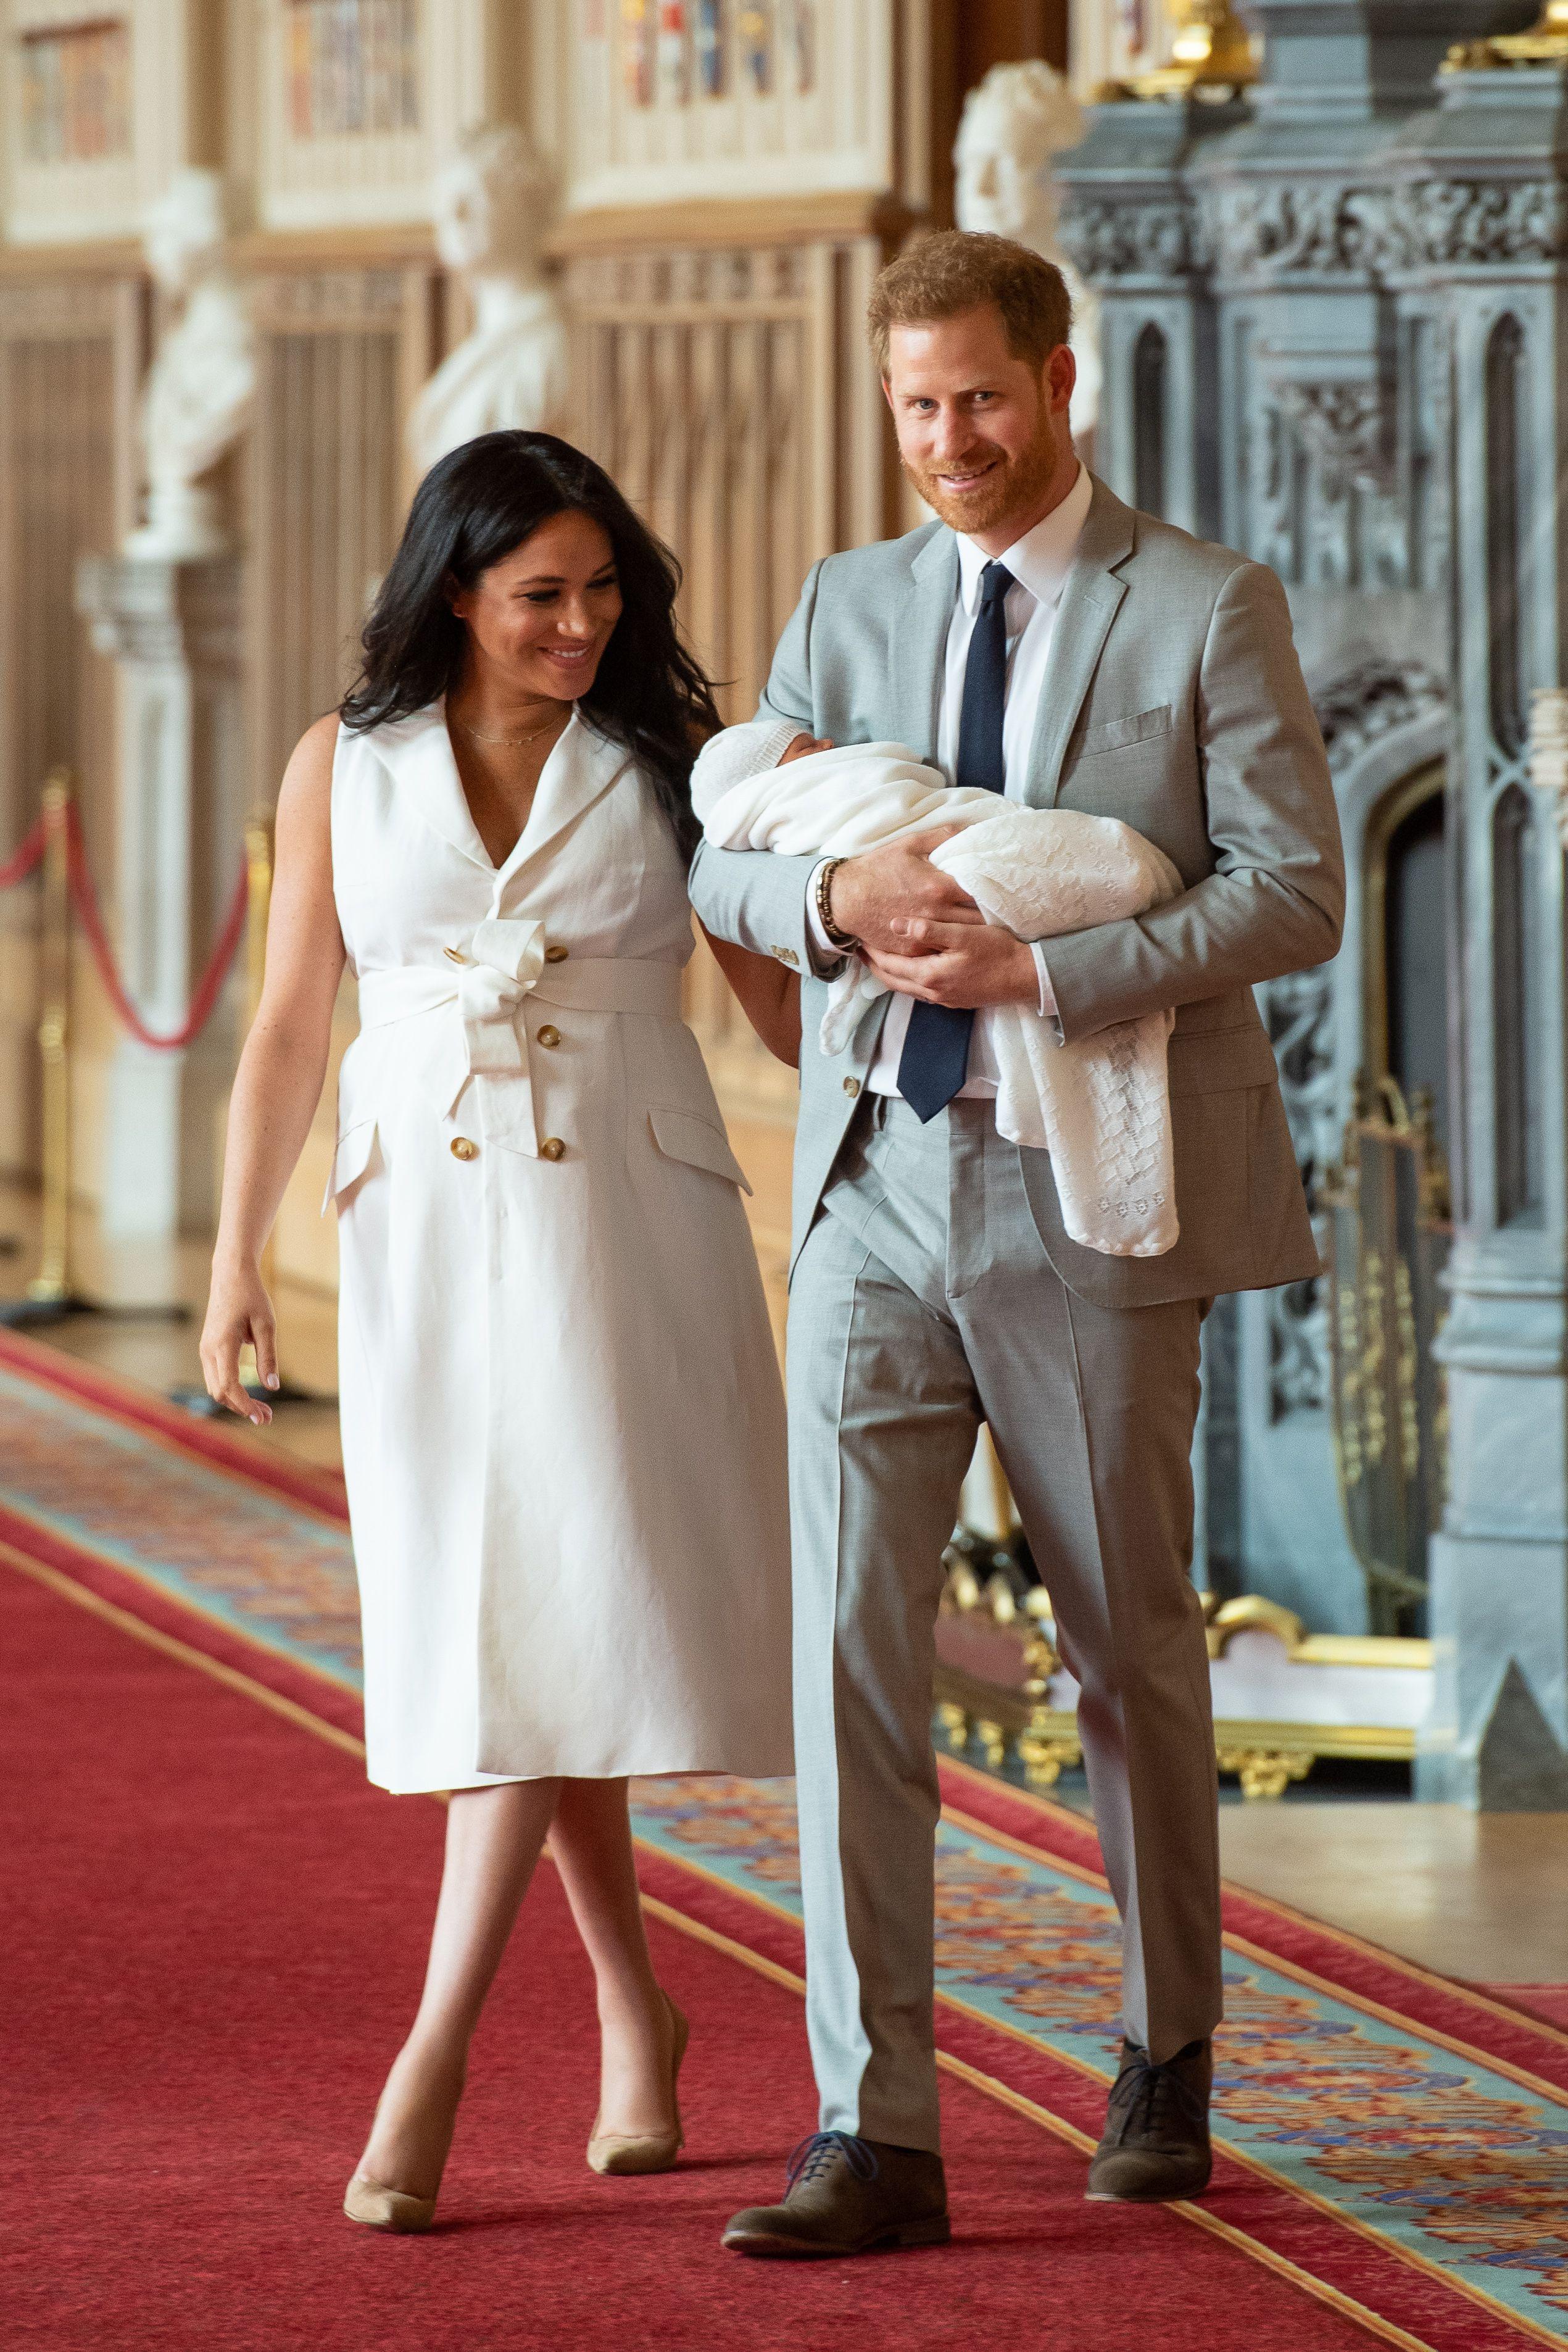 梅根王妃產後帶寶寶首度亮相!英國小王子名字揭曉:「亞契!Archie!」 - Yahoo奇摩時尚美妝